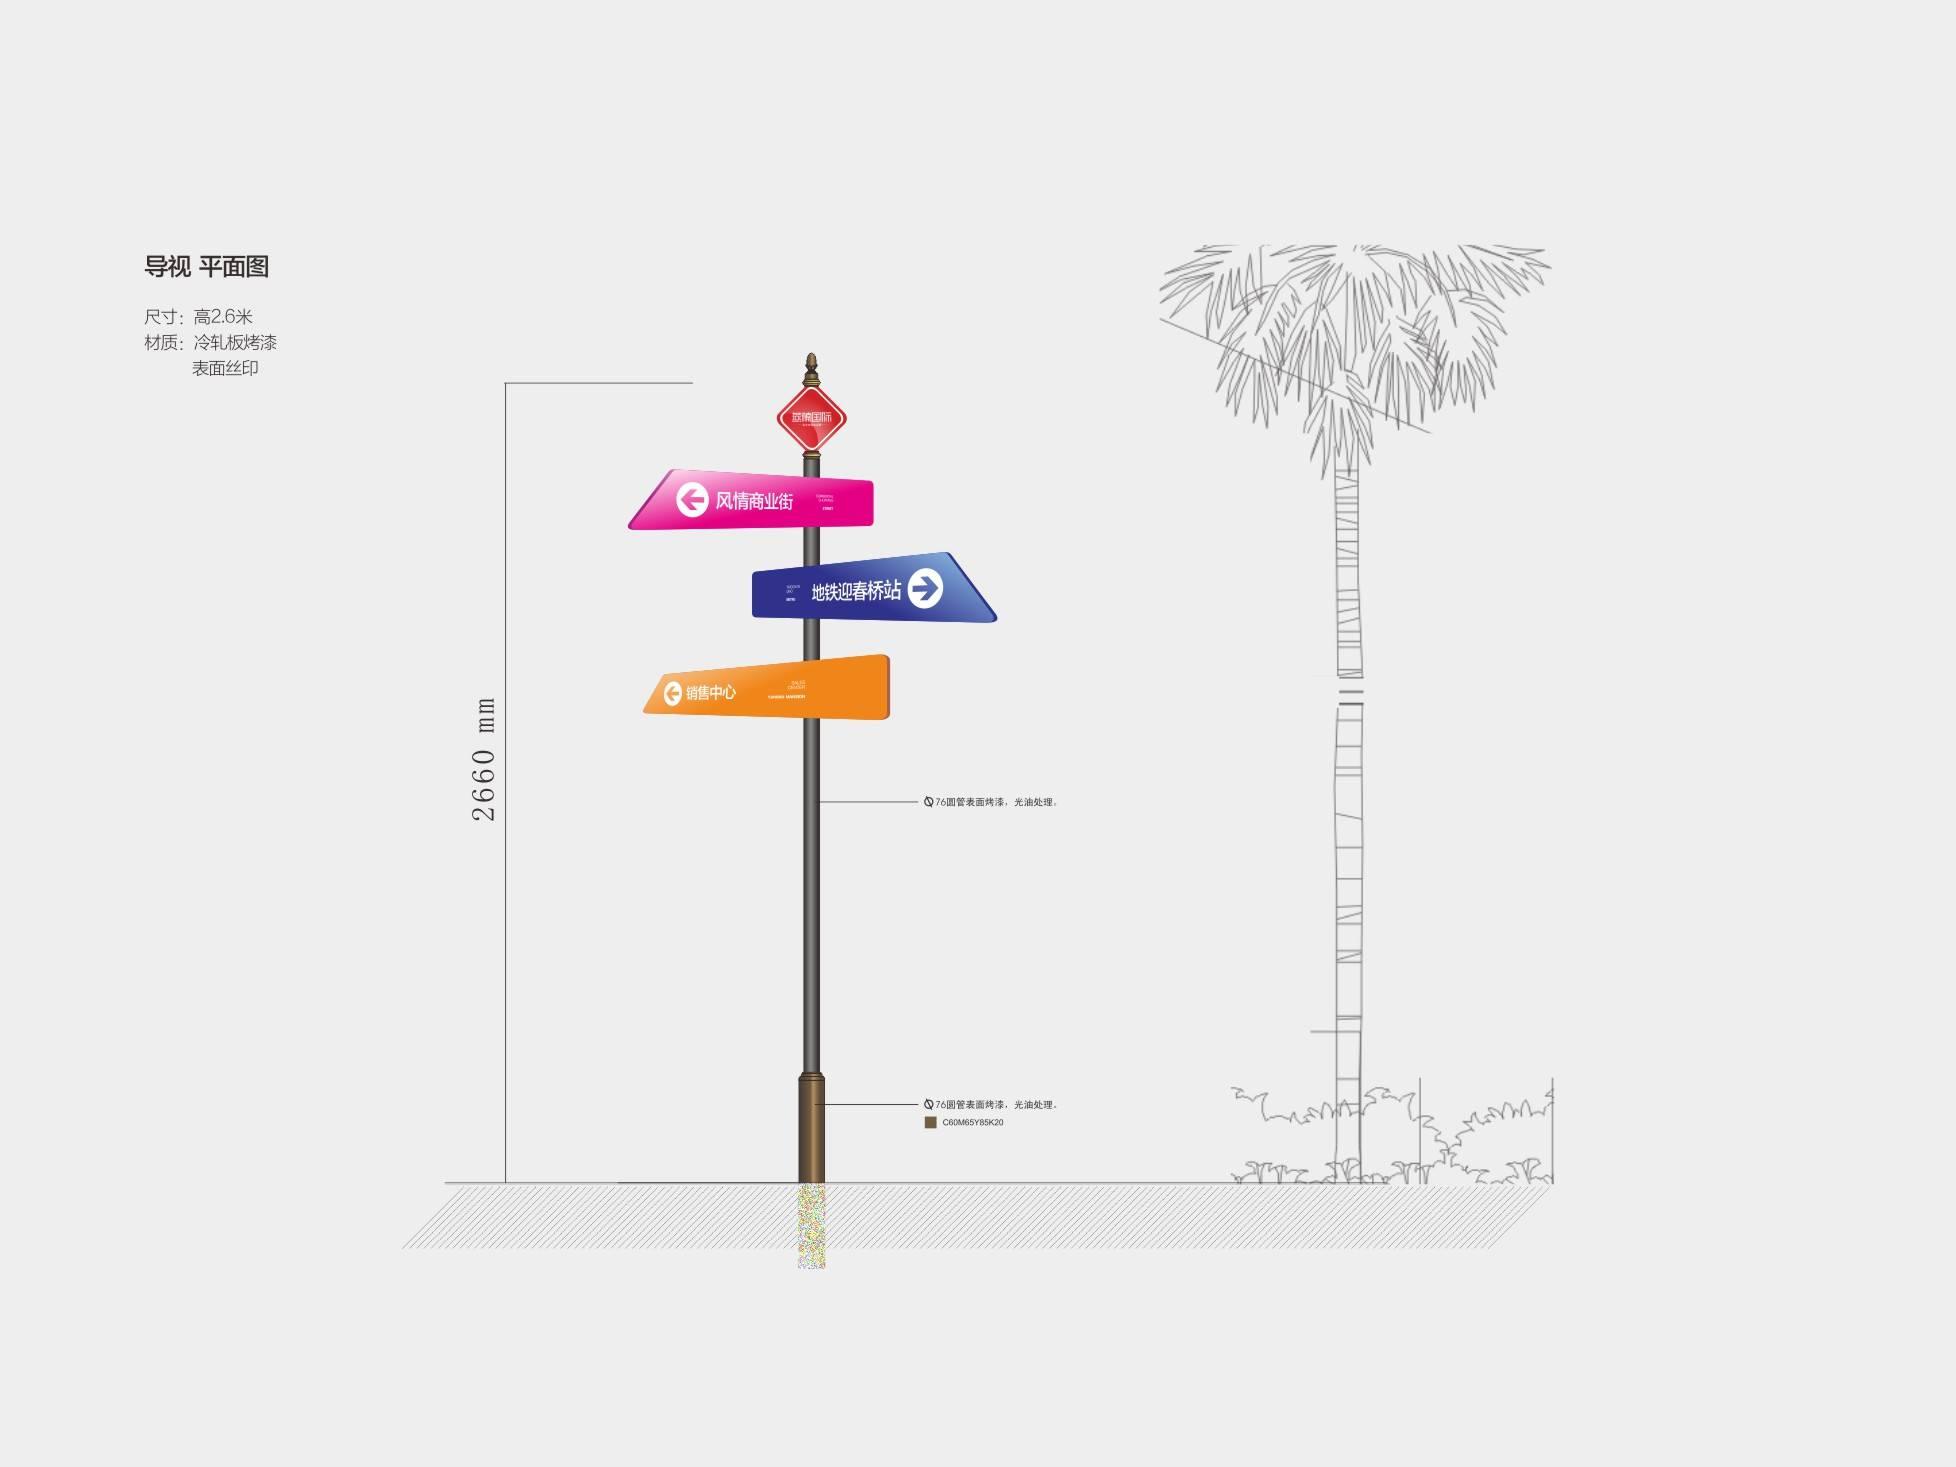 欧式路牌导视 欧式 路牌导视 指示牌 导视牌 街道指示 街道导视 灯柱 矢量导视牌 矢量指示牌 商业导视